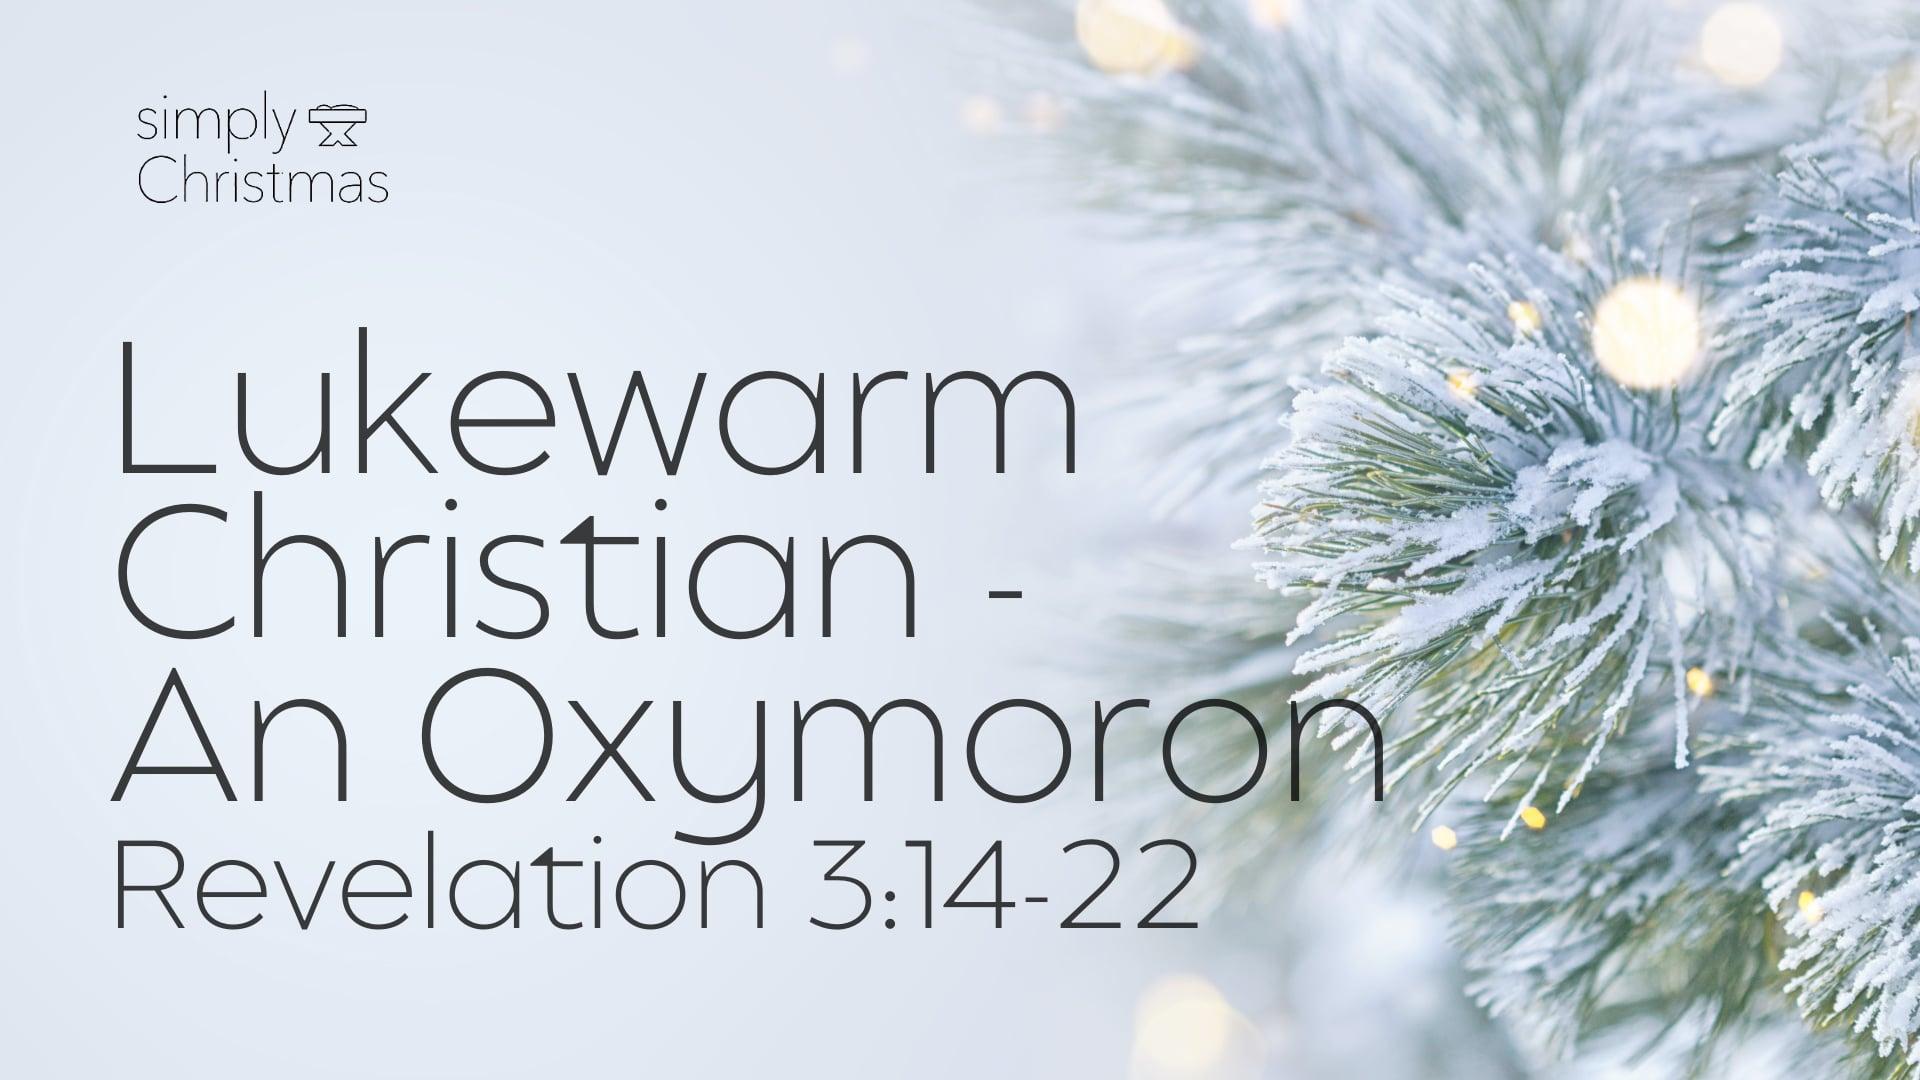 Lukewarm Christian - An Oxymoron - December 13, 2020